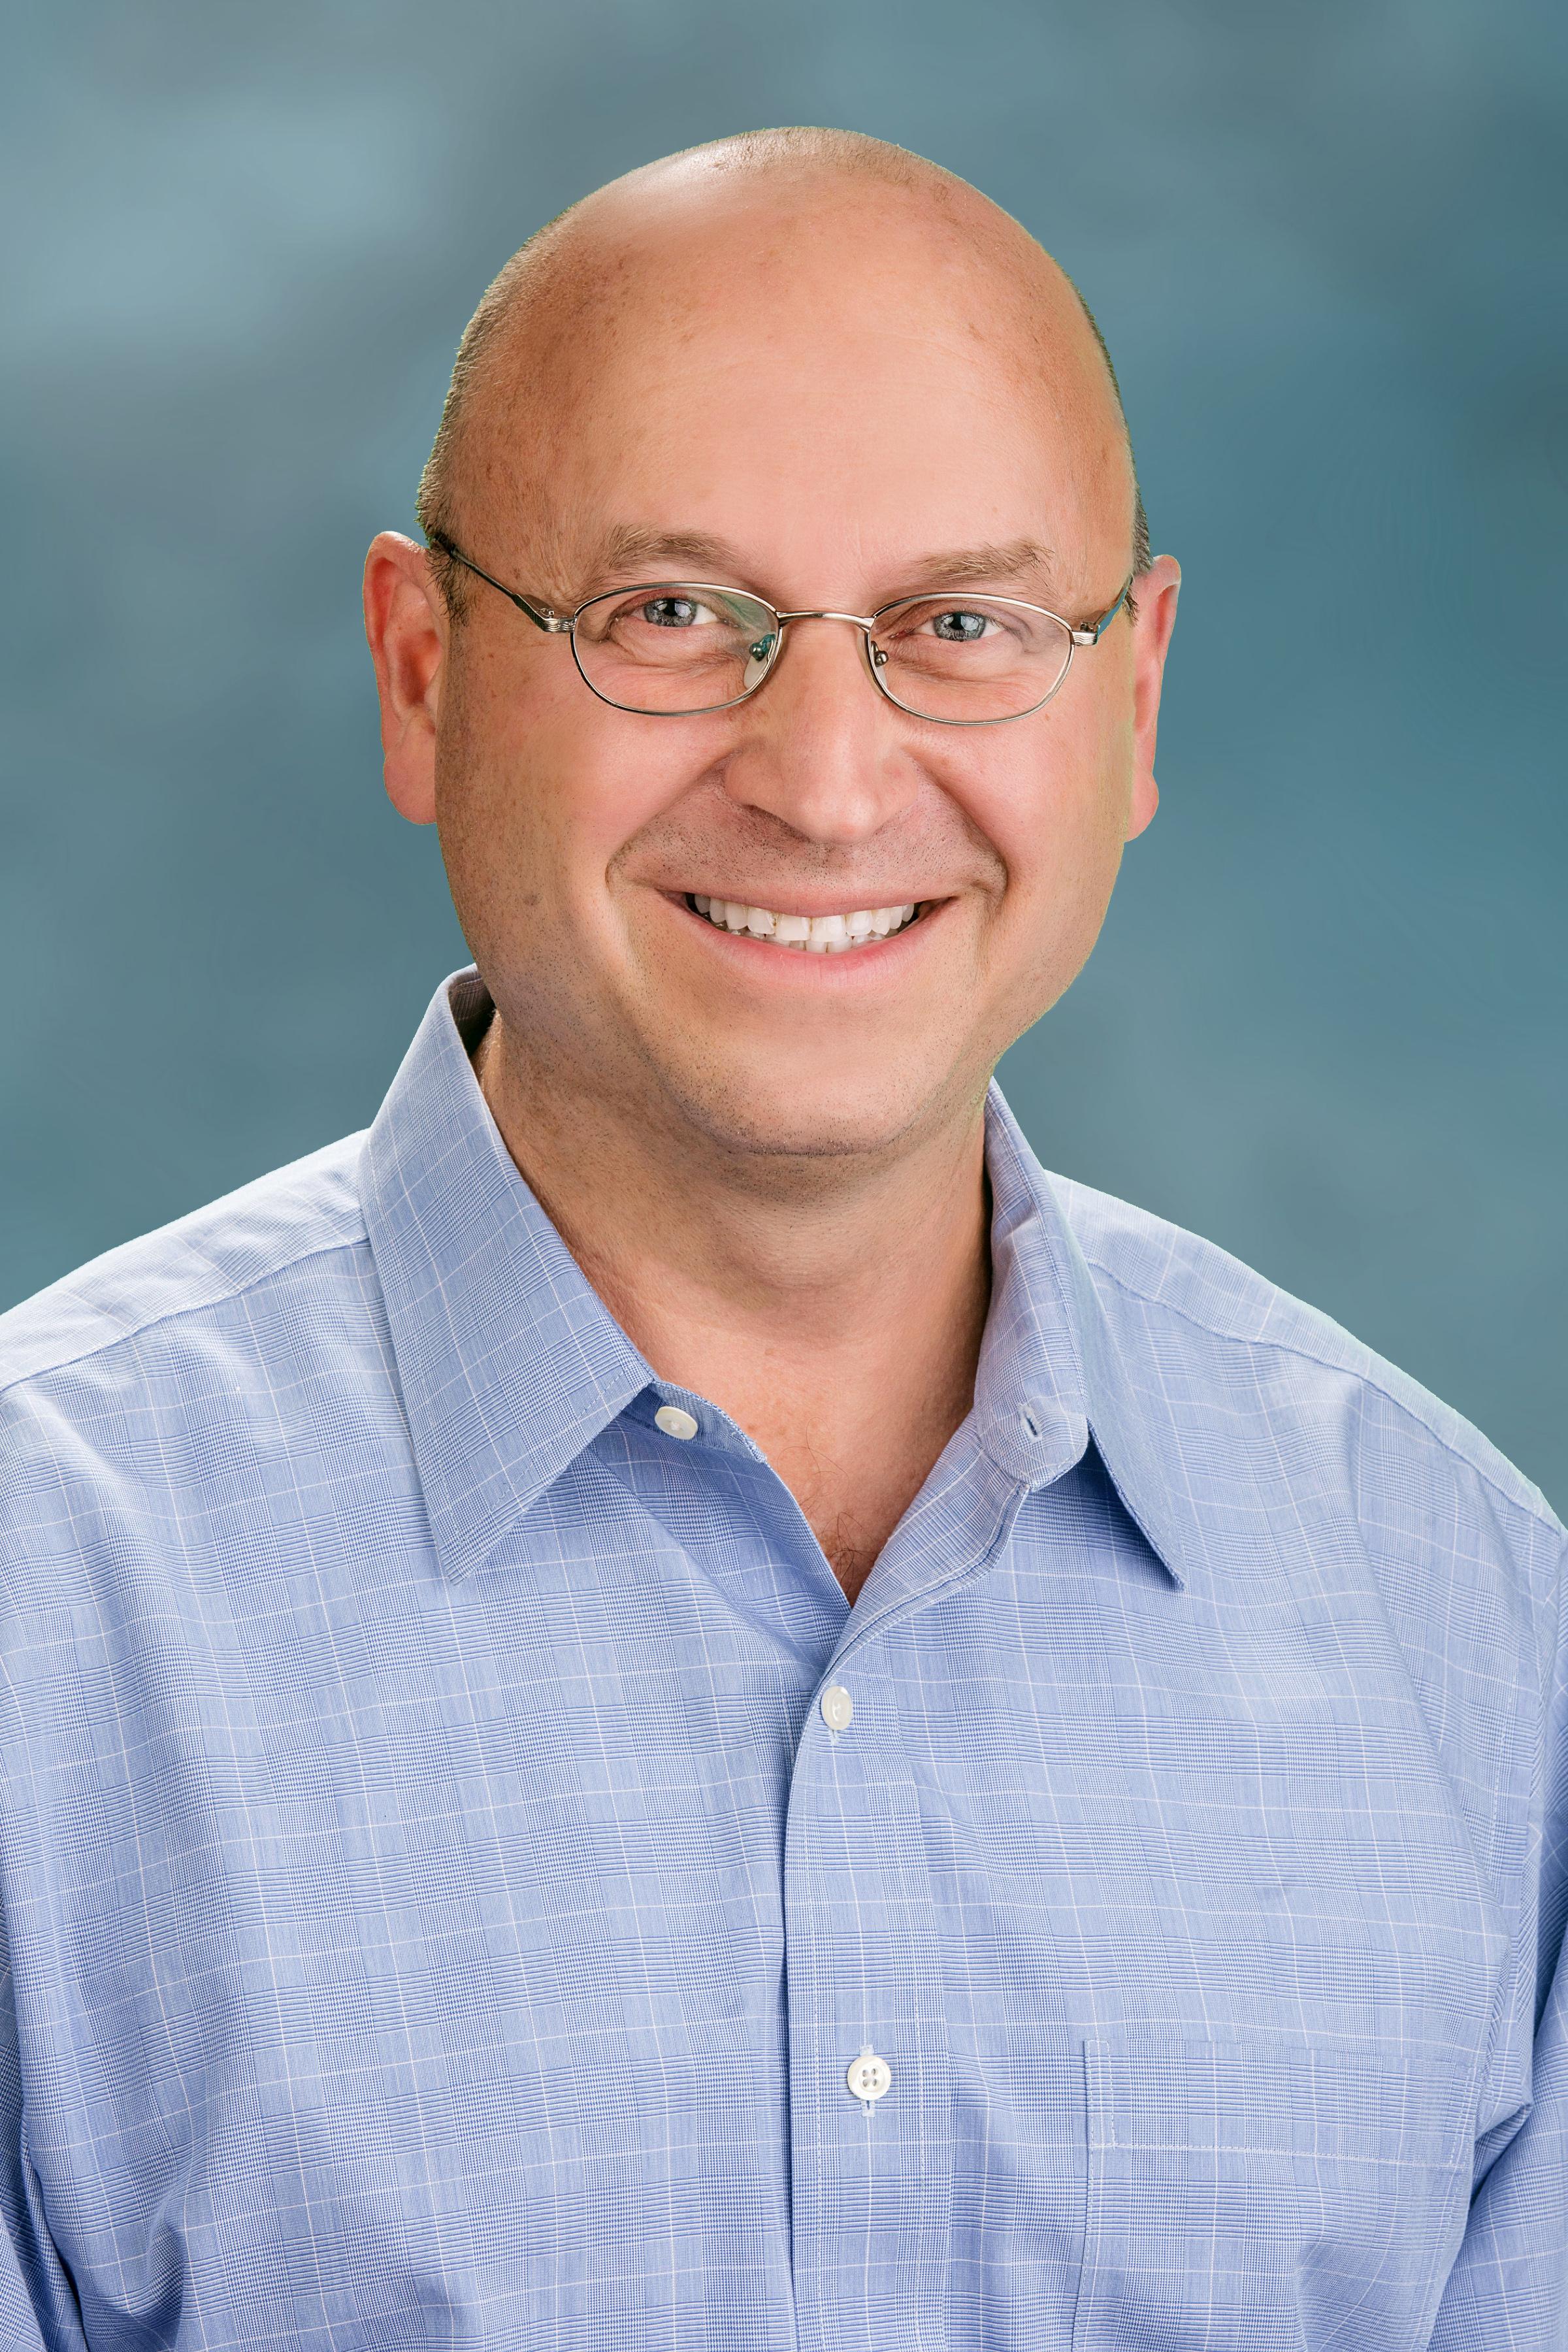 Greg Demaras